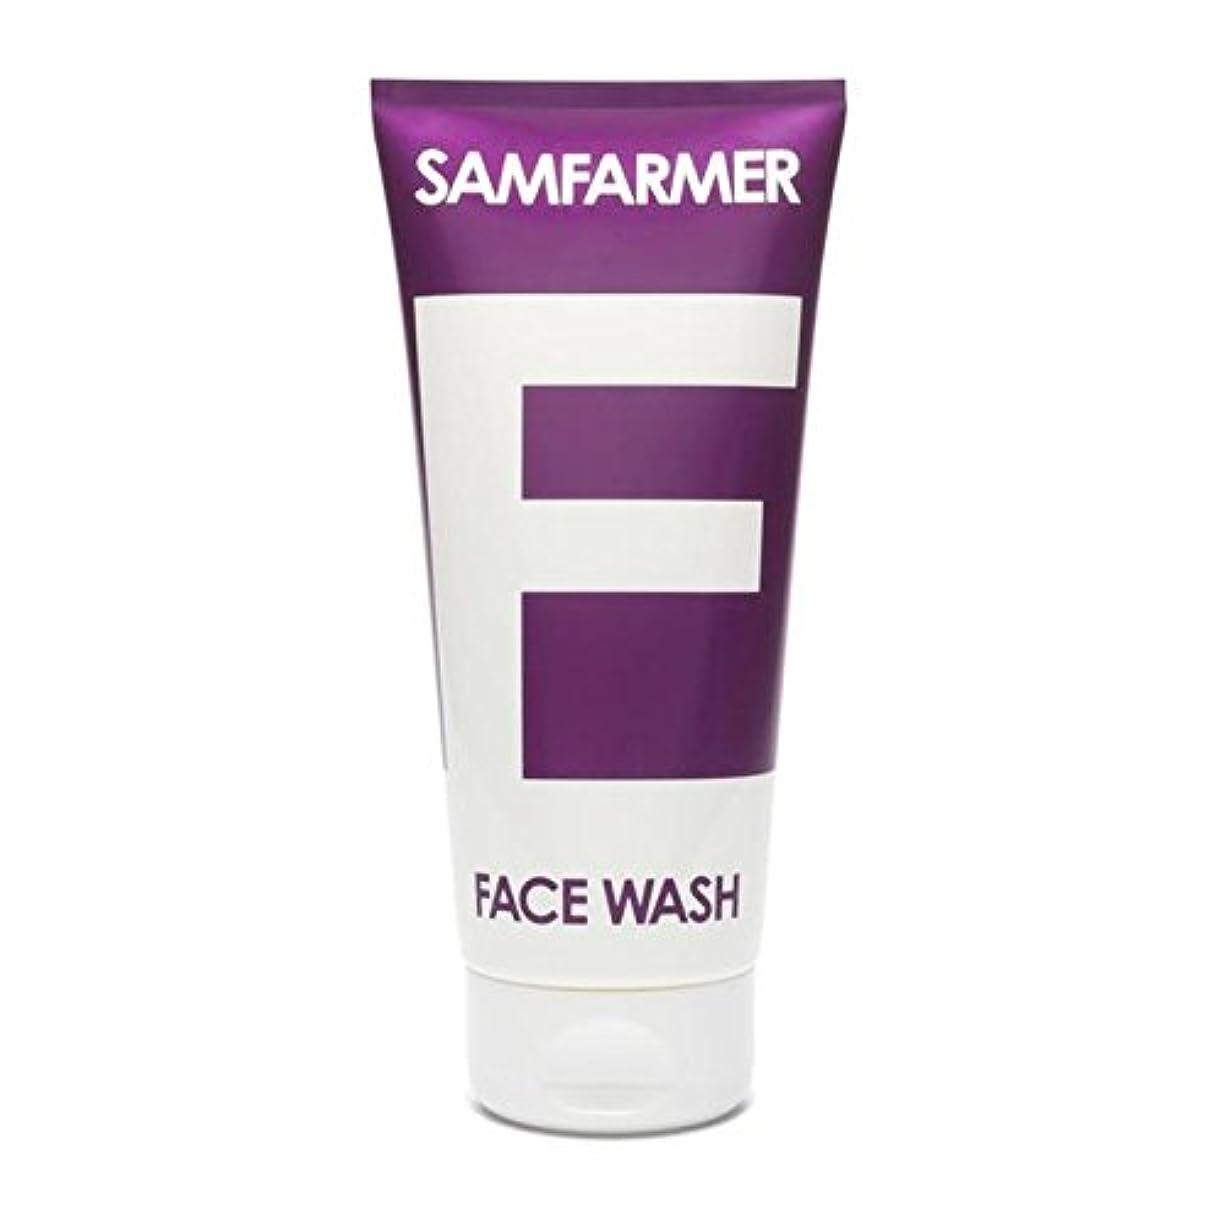 苦いダンス引き受けるユニセックスフェイスウォッシュ200ミリリットル x4 - SAMFARMER Unisex Face Wash 200ml (Pack of 4) [並行輸入品]